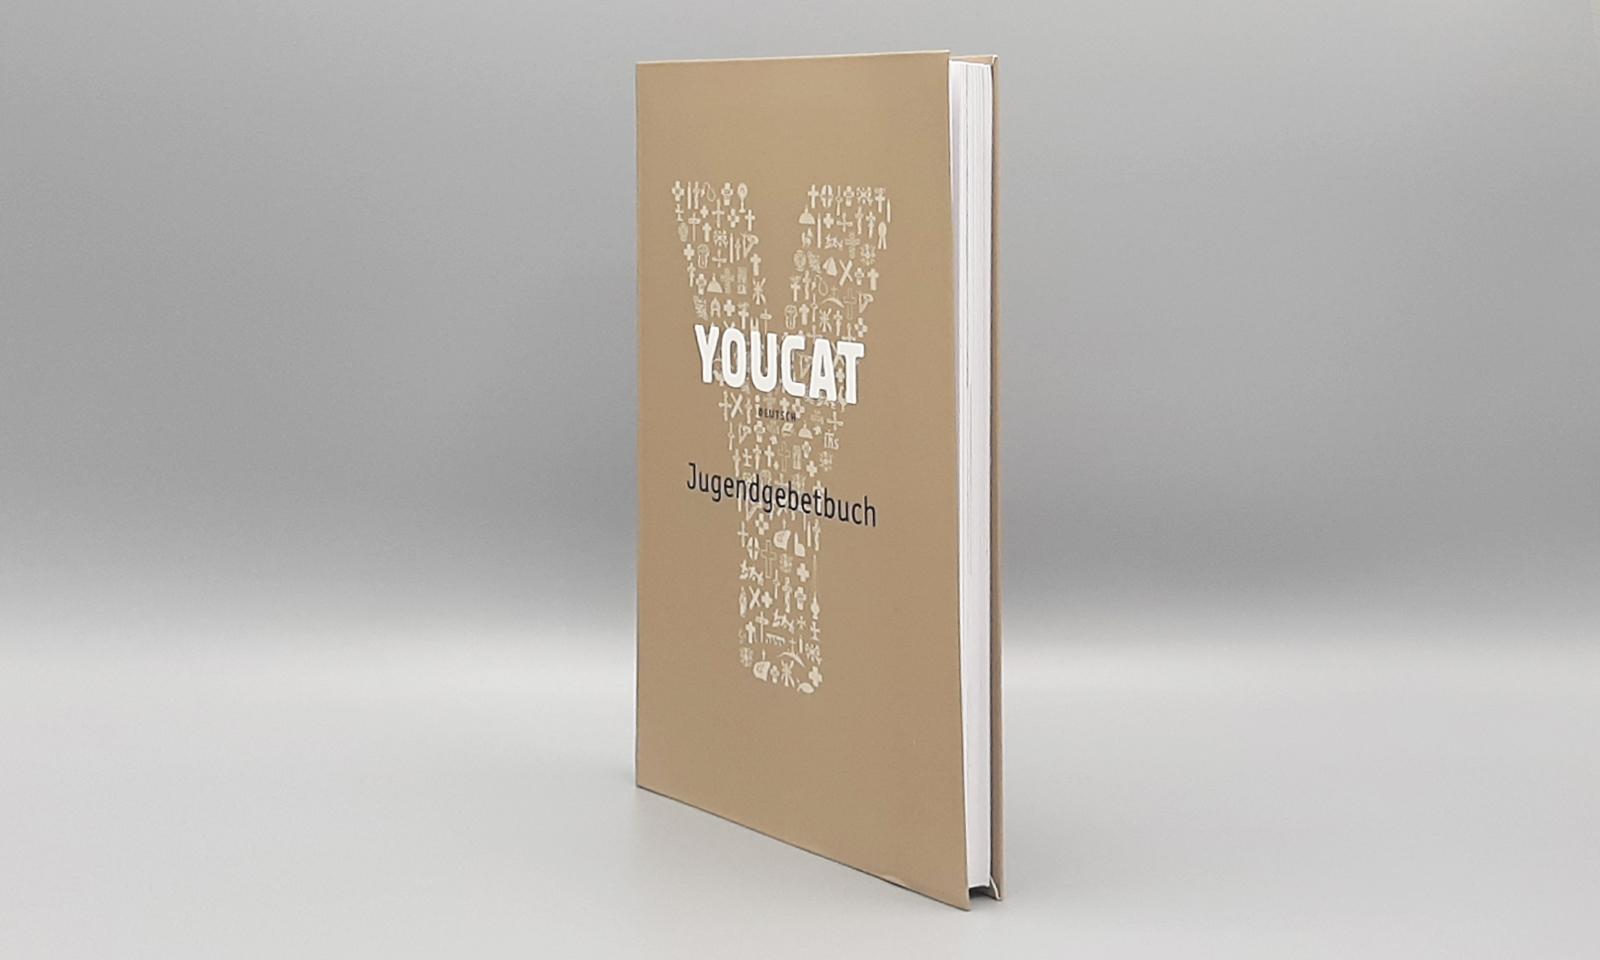 YOUCAT Jugendgebetbuch1